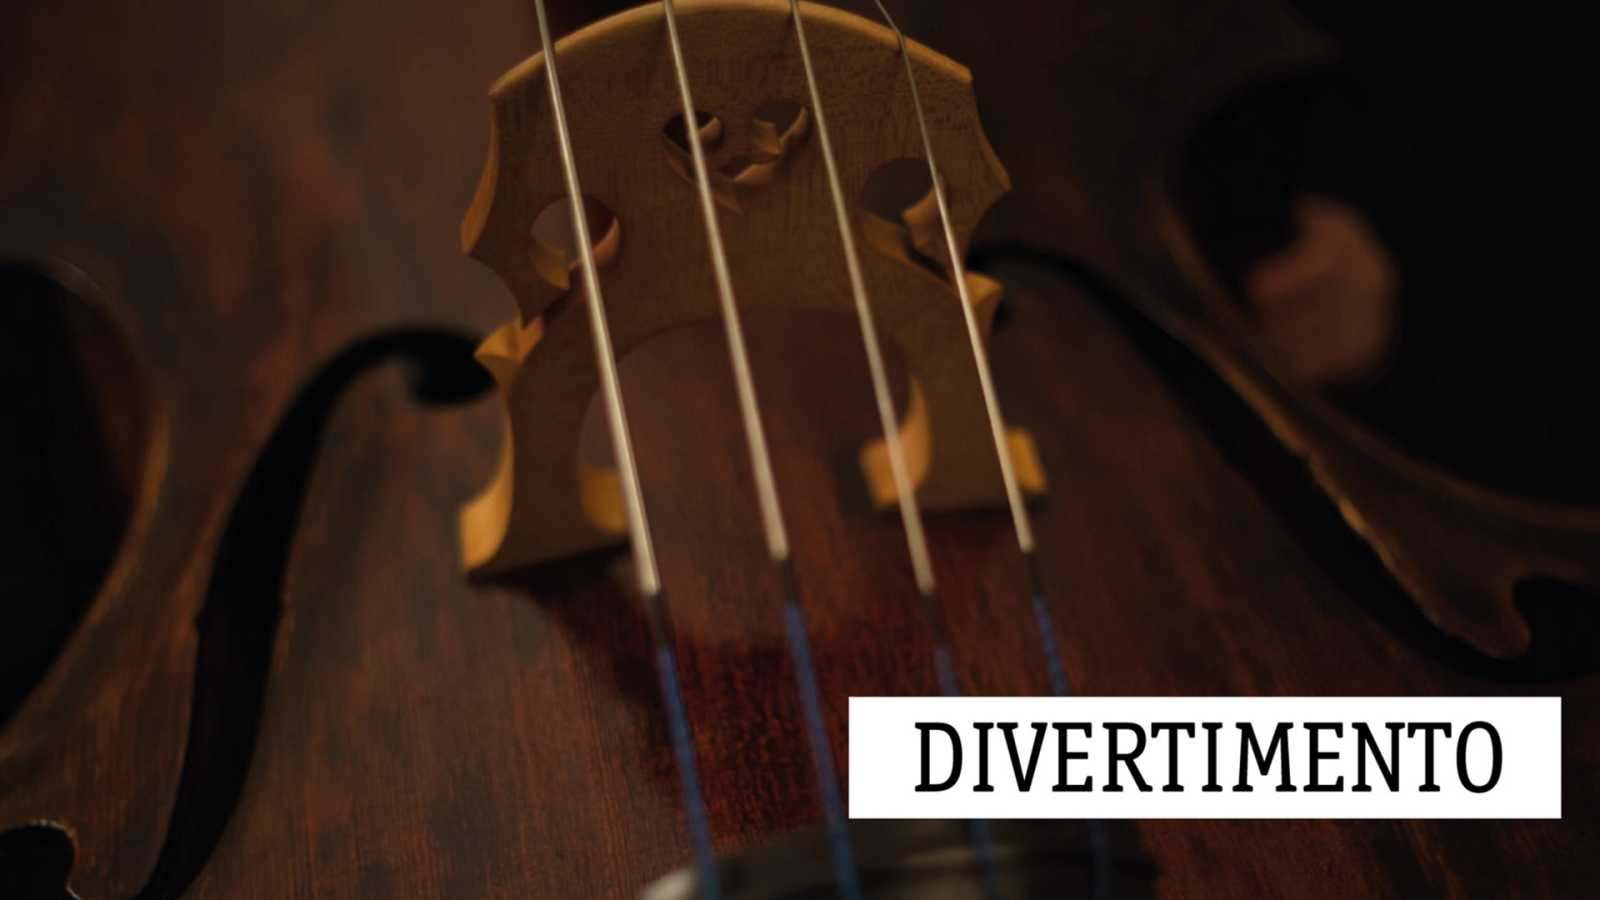 Divertimento - Fin de año con Beethoven - 31/12/20 - escuchar ahora